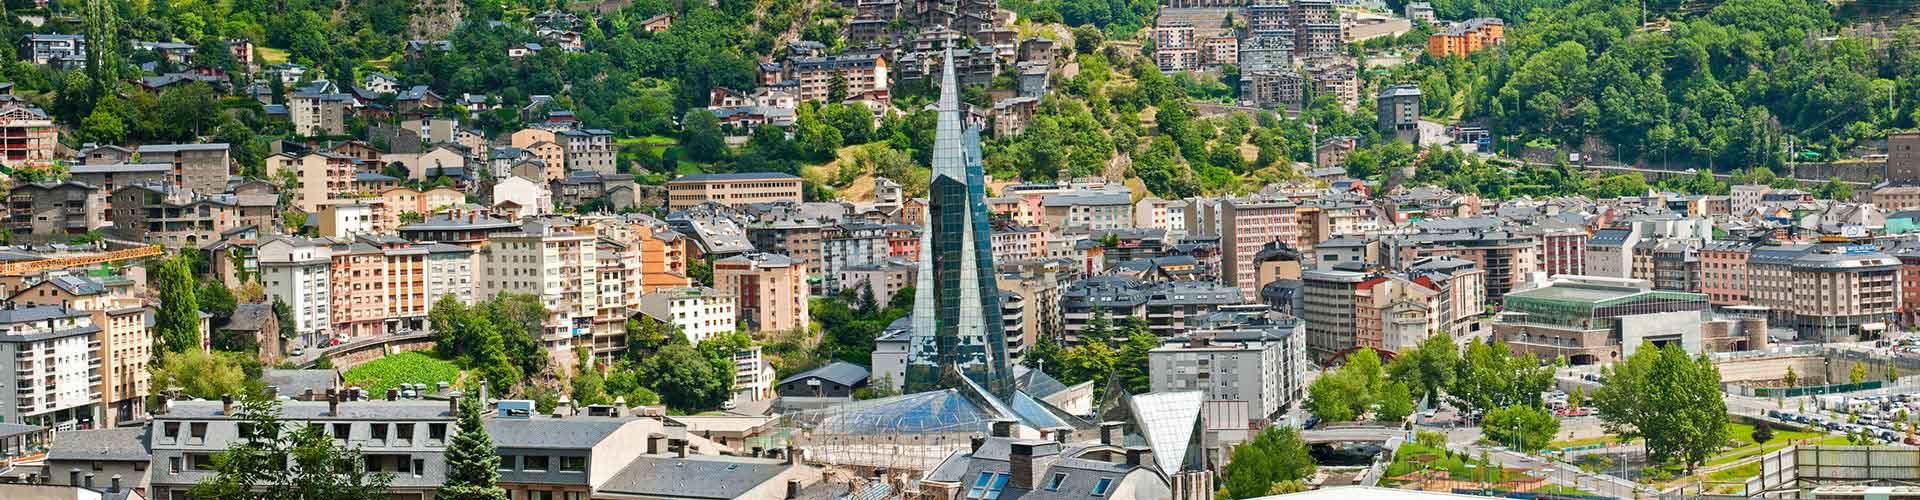 Andorra la Vella - Hoteles baratos en Andorra la Vella. Mapas de Andorra la Vella, Fotos y Comentarios para cada alojamiento en Andorra la Vella.